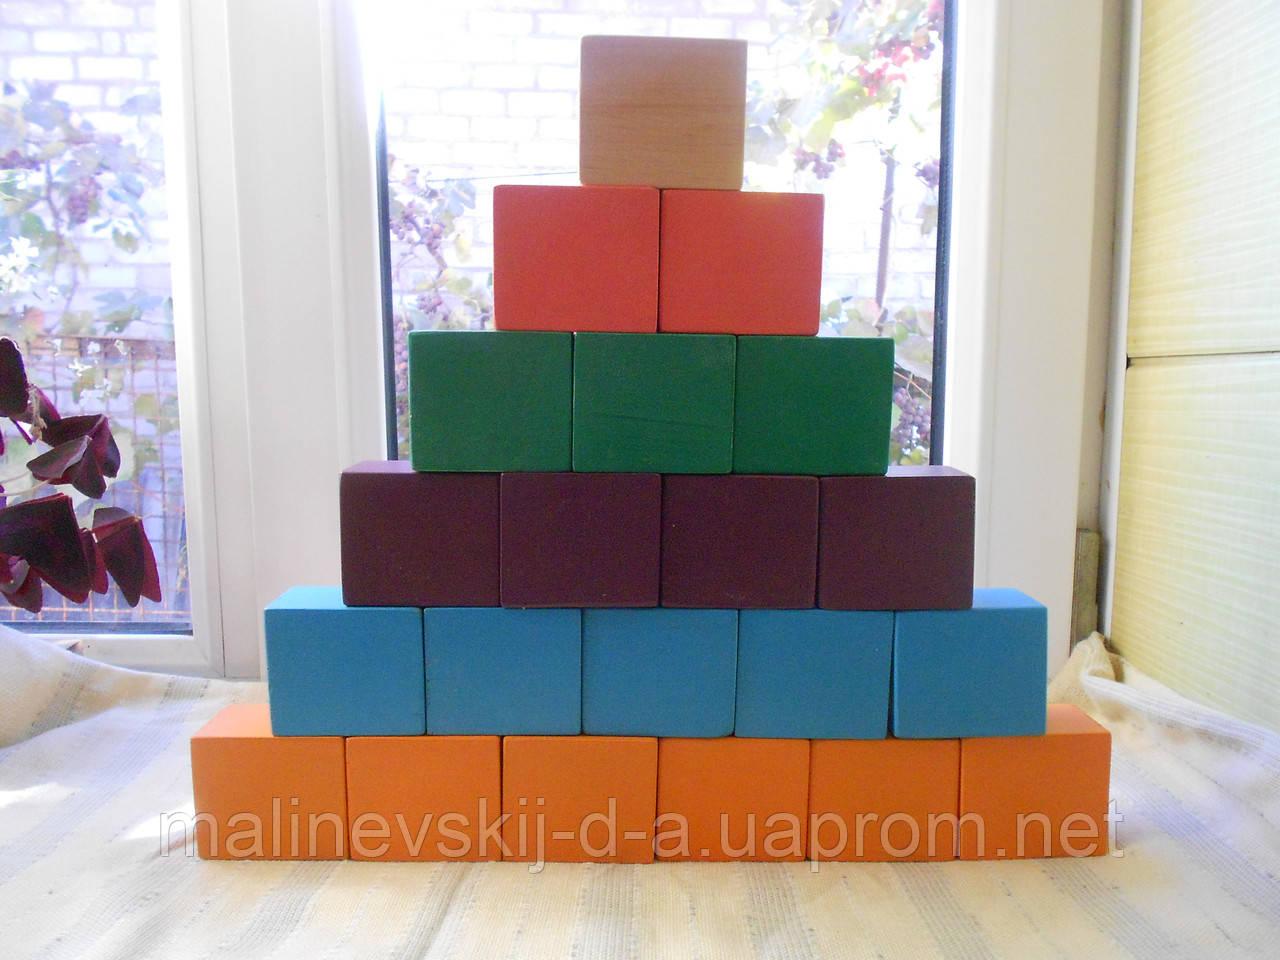 Деревянные кубики, фото 1